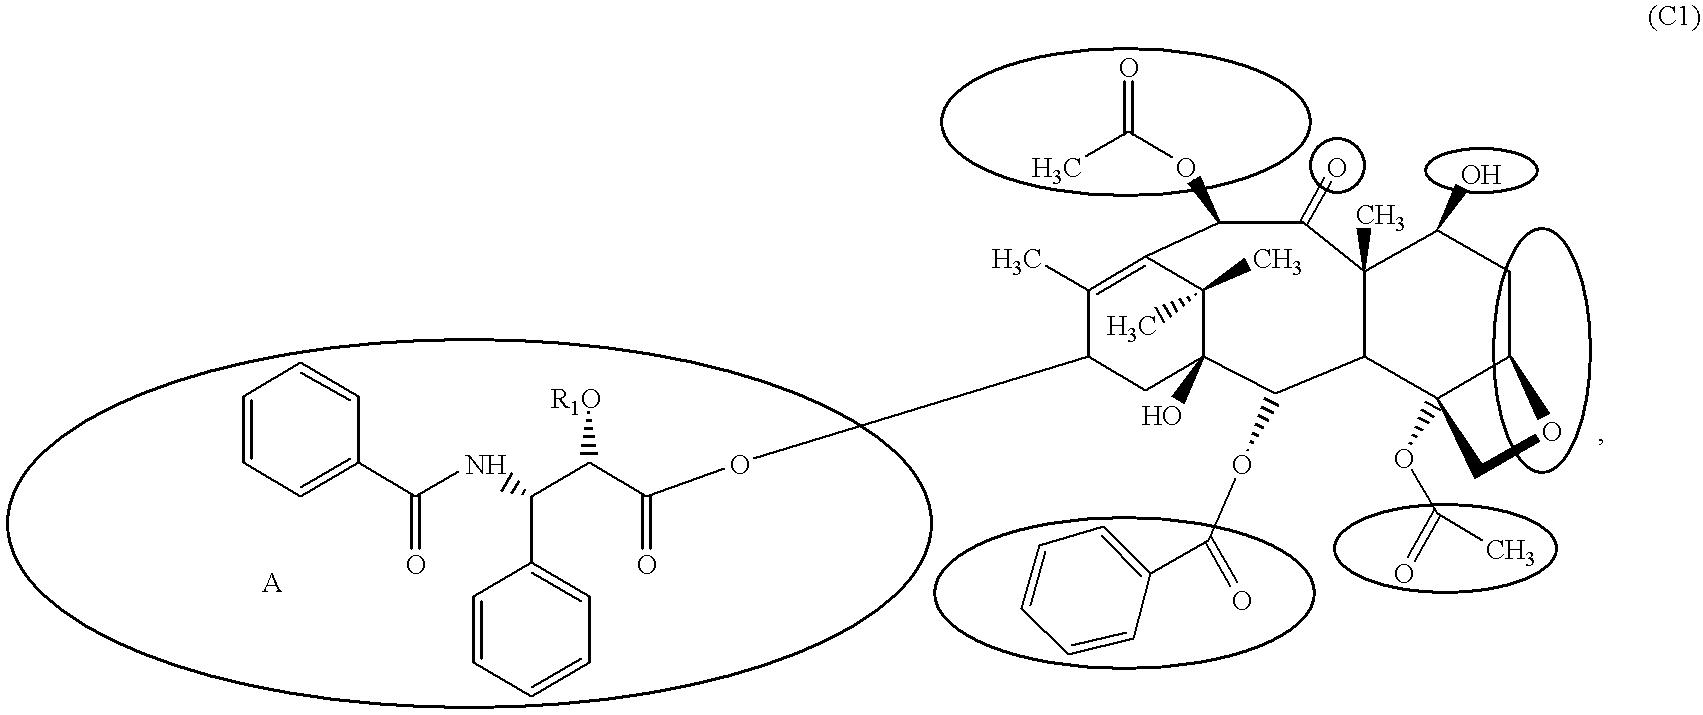 Figure US20020055666A1-20020509-C00001